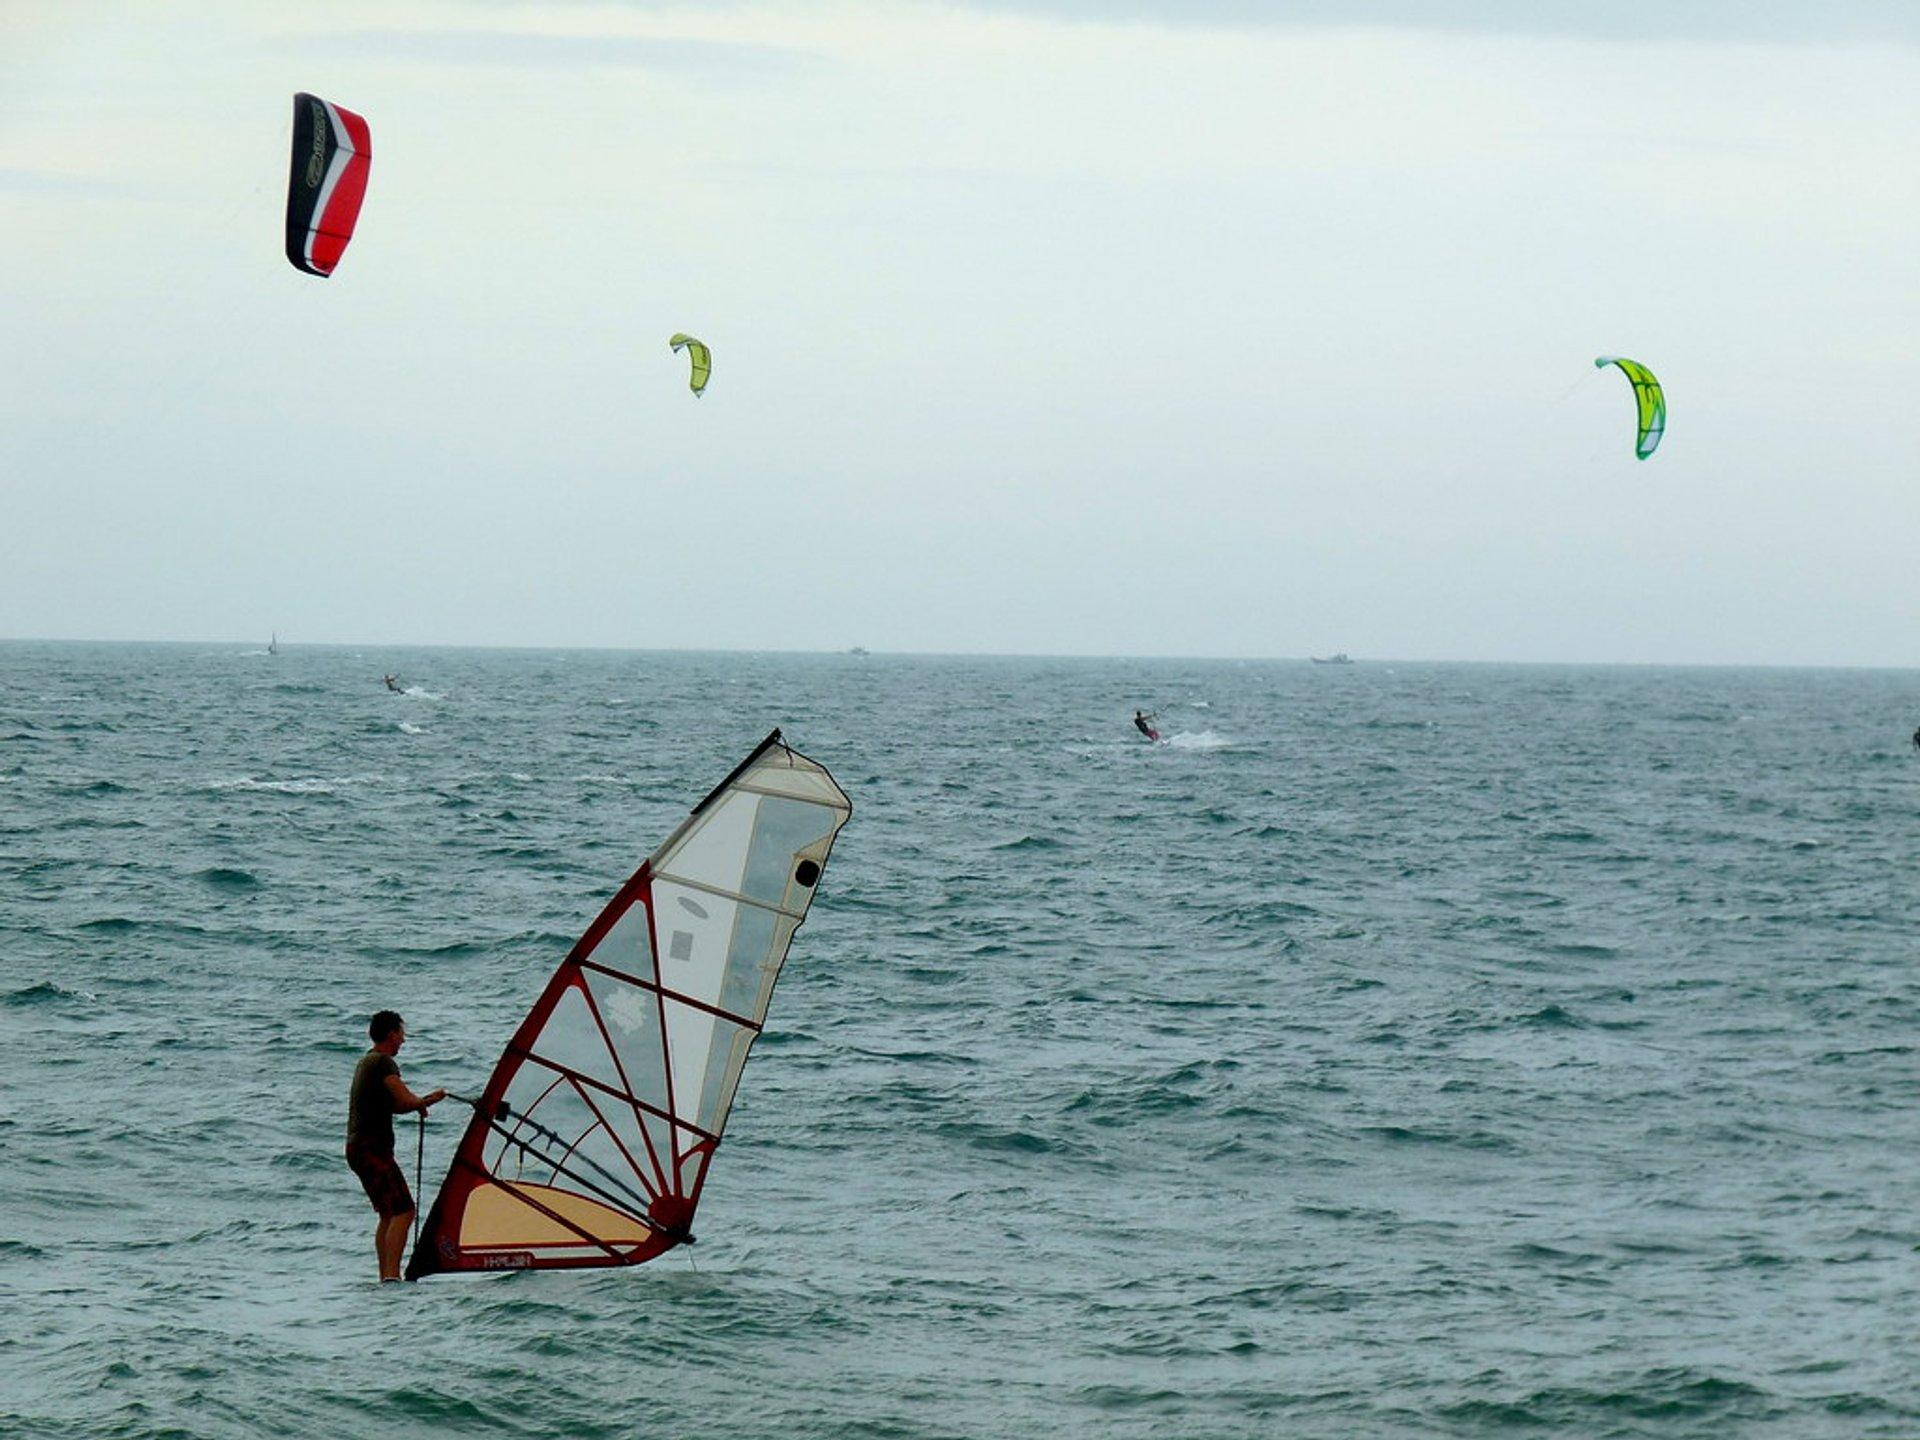 Windsurfing and kitesurfing in Mui Ne 2020